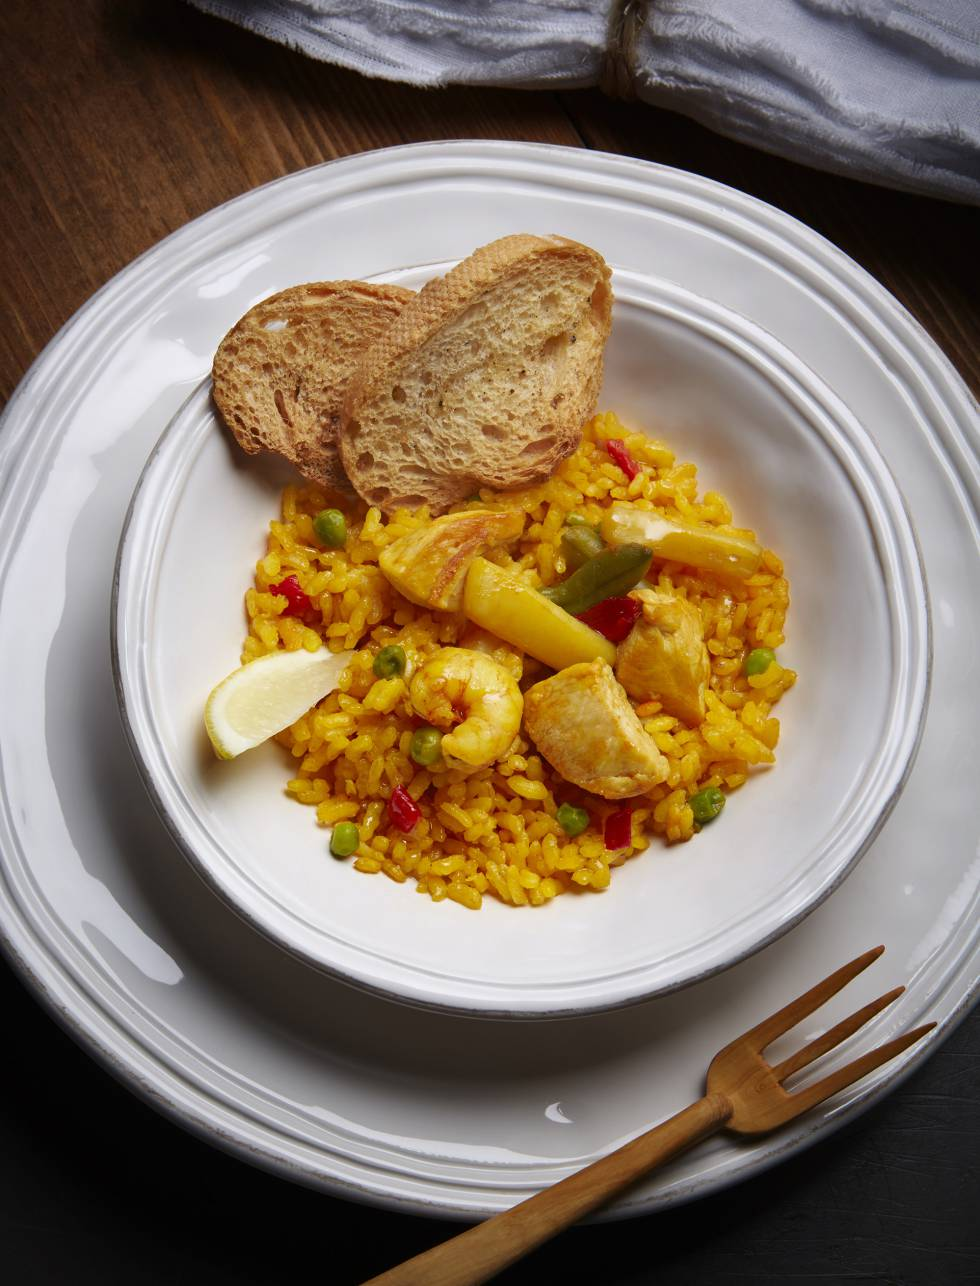 """""""El éxito de la paella depende del caldo que hagamos. Si es rico, el resultado también lo será. ¿Trucos? Añadir un poco de alioli o una mayonesa con ajo. Como comensal creo que a cualquier arroz le aporta un contraste tanto en el sabor como en la textura. Más allá de eso, la paella se puede hacer de todas las formas posibles. El arroz lo admite todo""""."""